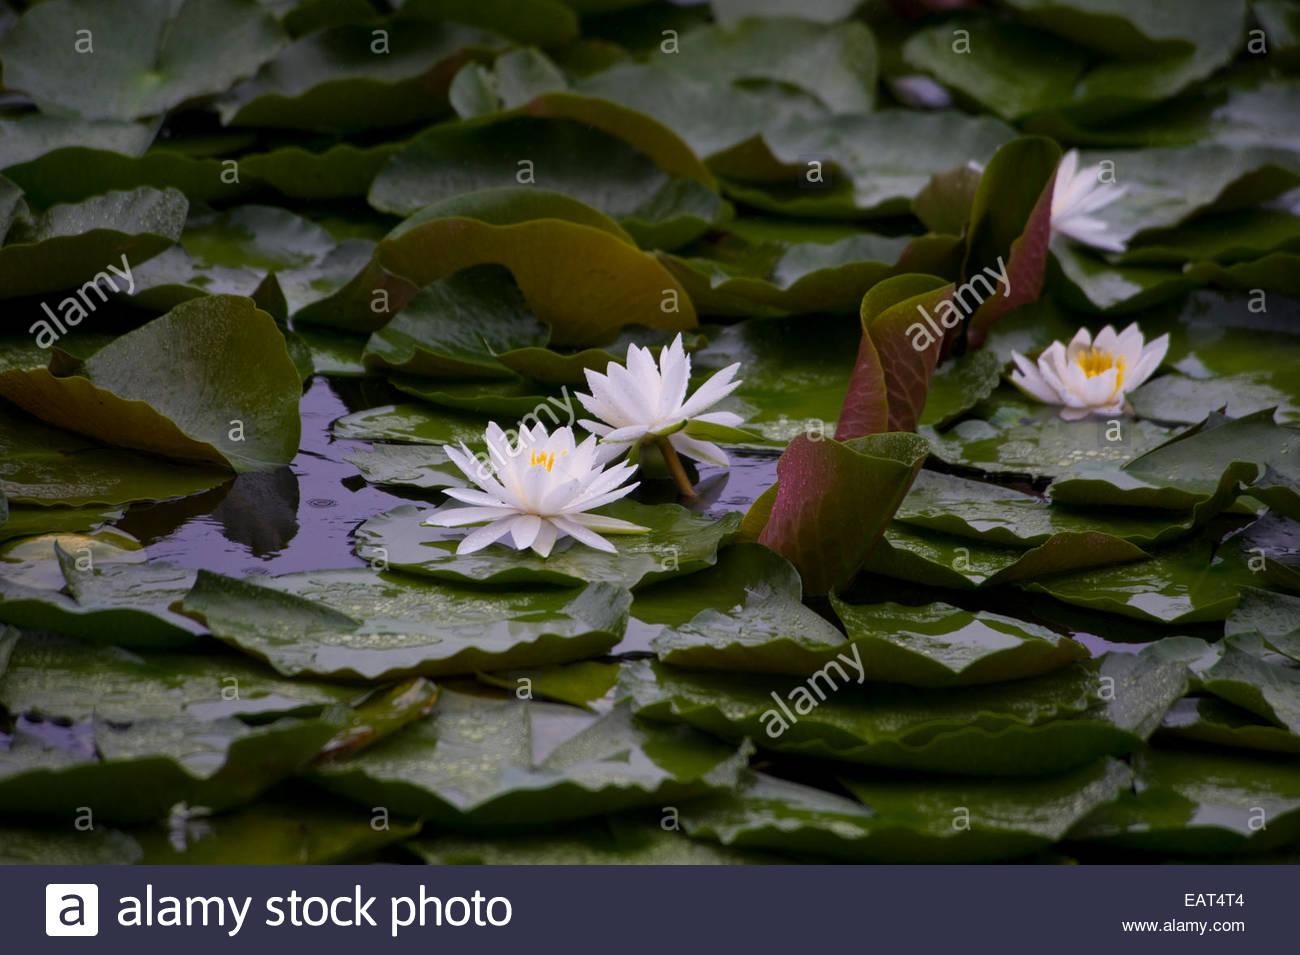 Water Lilies empaparse de la lluvia del verano. Imagen De Stock